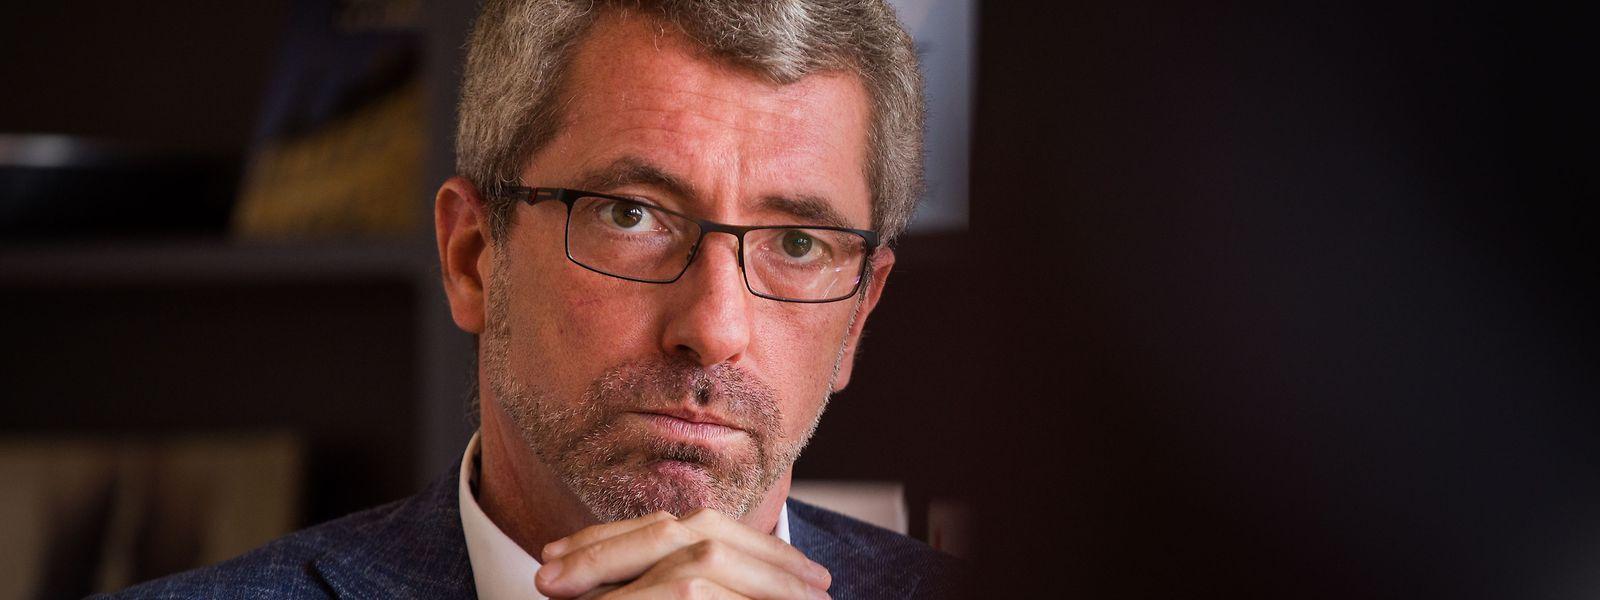 Frank Engel est suspecté d'avoir touché indûment un salaire de 40.000 euros de la part de l'asbl CSV Frëndeskrees. Un comité national se réunira ce mercredi pour décider des suites politiques de cette affaire.